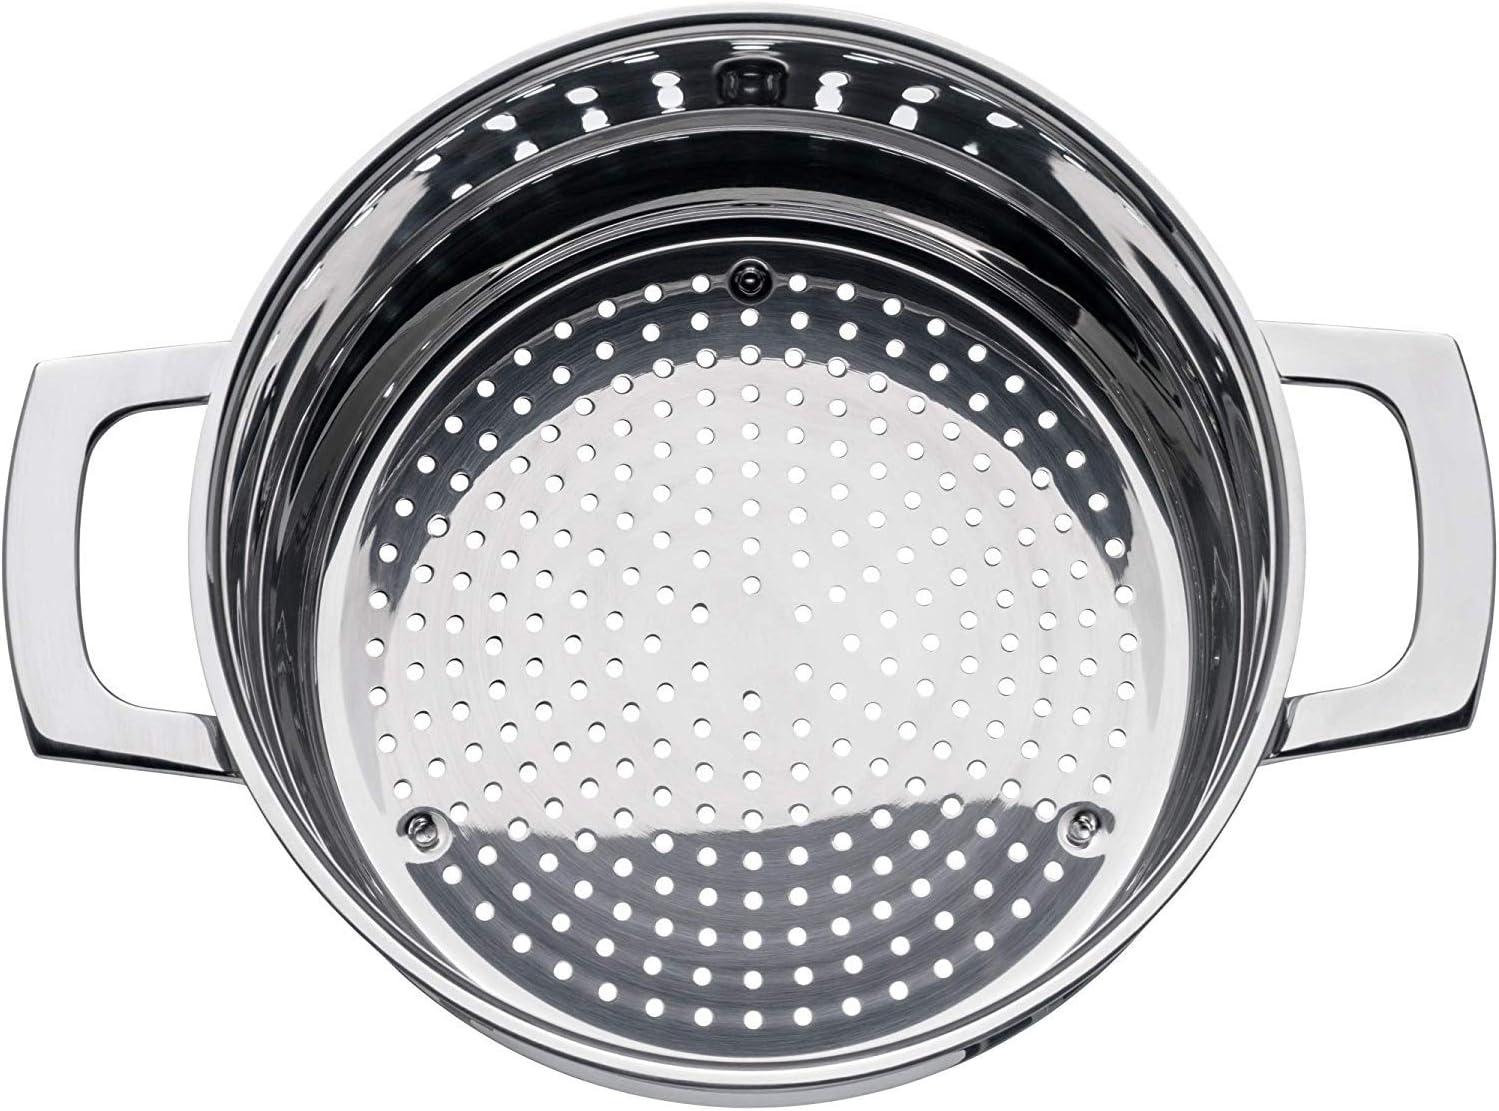 Lavabile in lavastoviglie in Acciaio Inox Cromargan 18//10 WMF 786166380 VarioCuisine-Inserto per Cottura a Vapore /Ø 16 cm